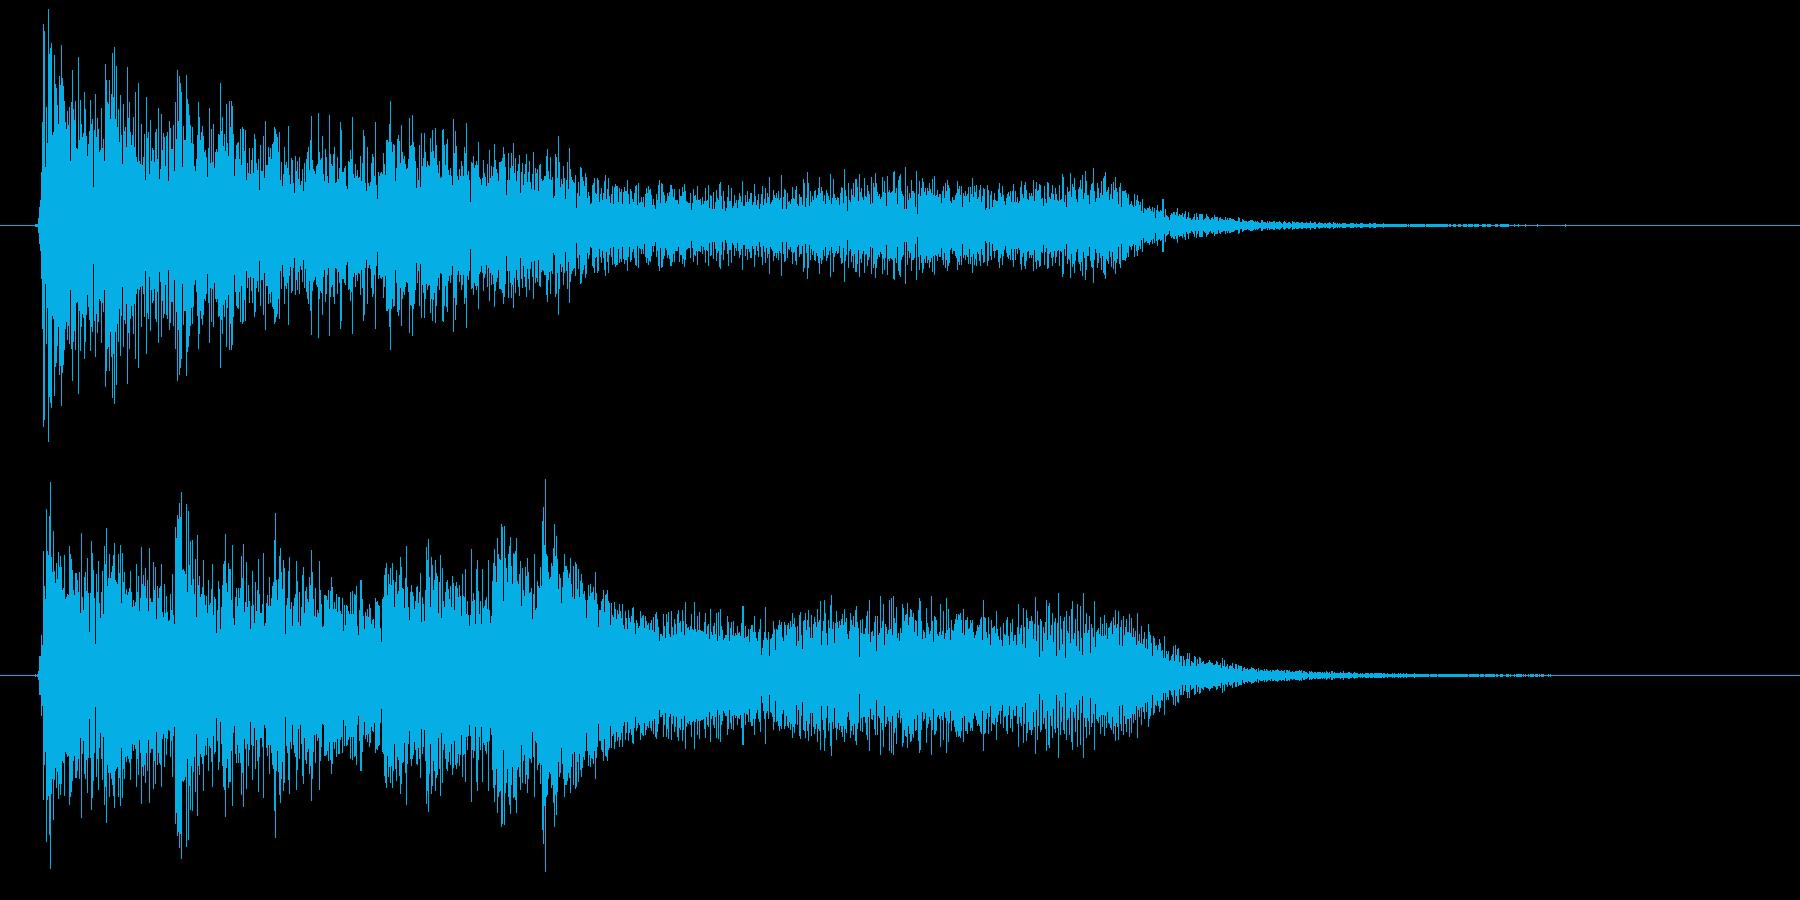 綺麗でオシャレなピアノ(2秒)シャラーンの再生済みの波形